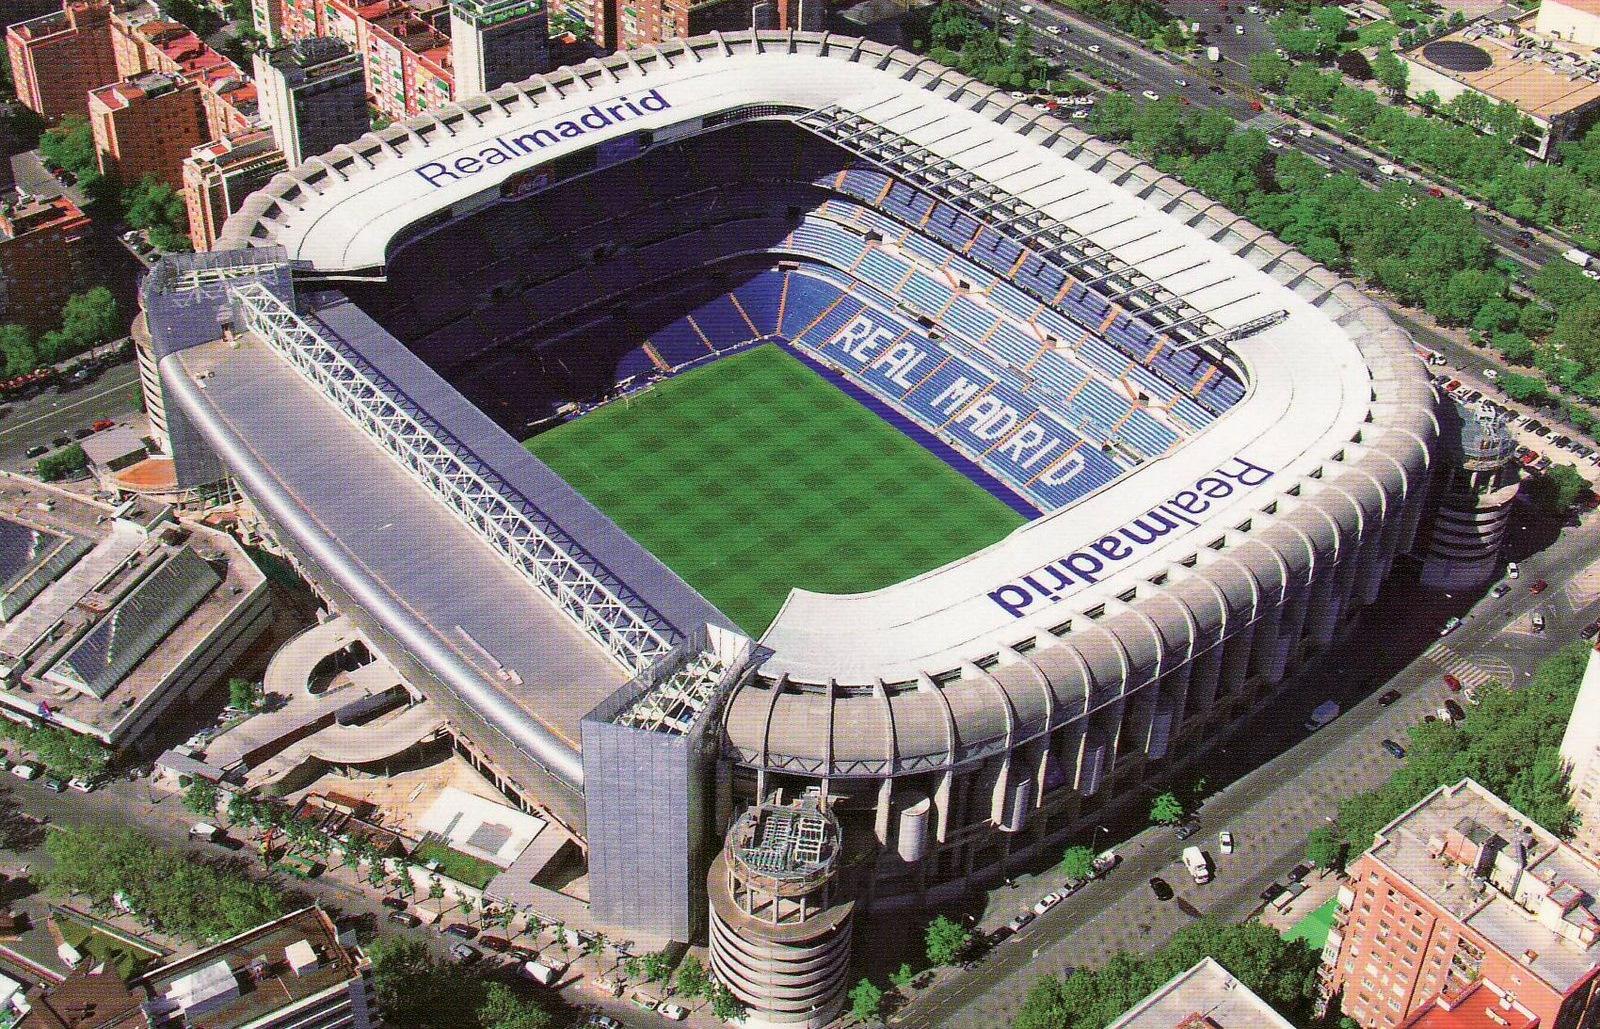 Rutas futboleras, los principales estadios de fútbol 2